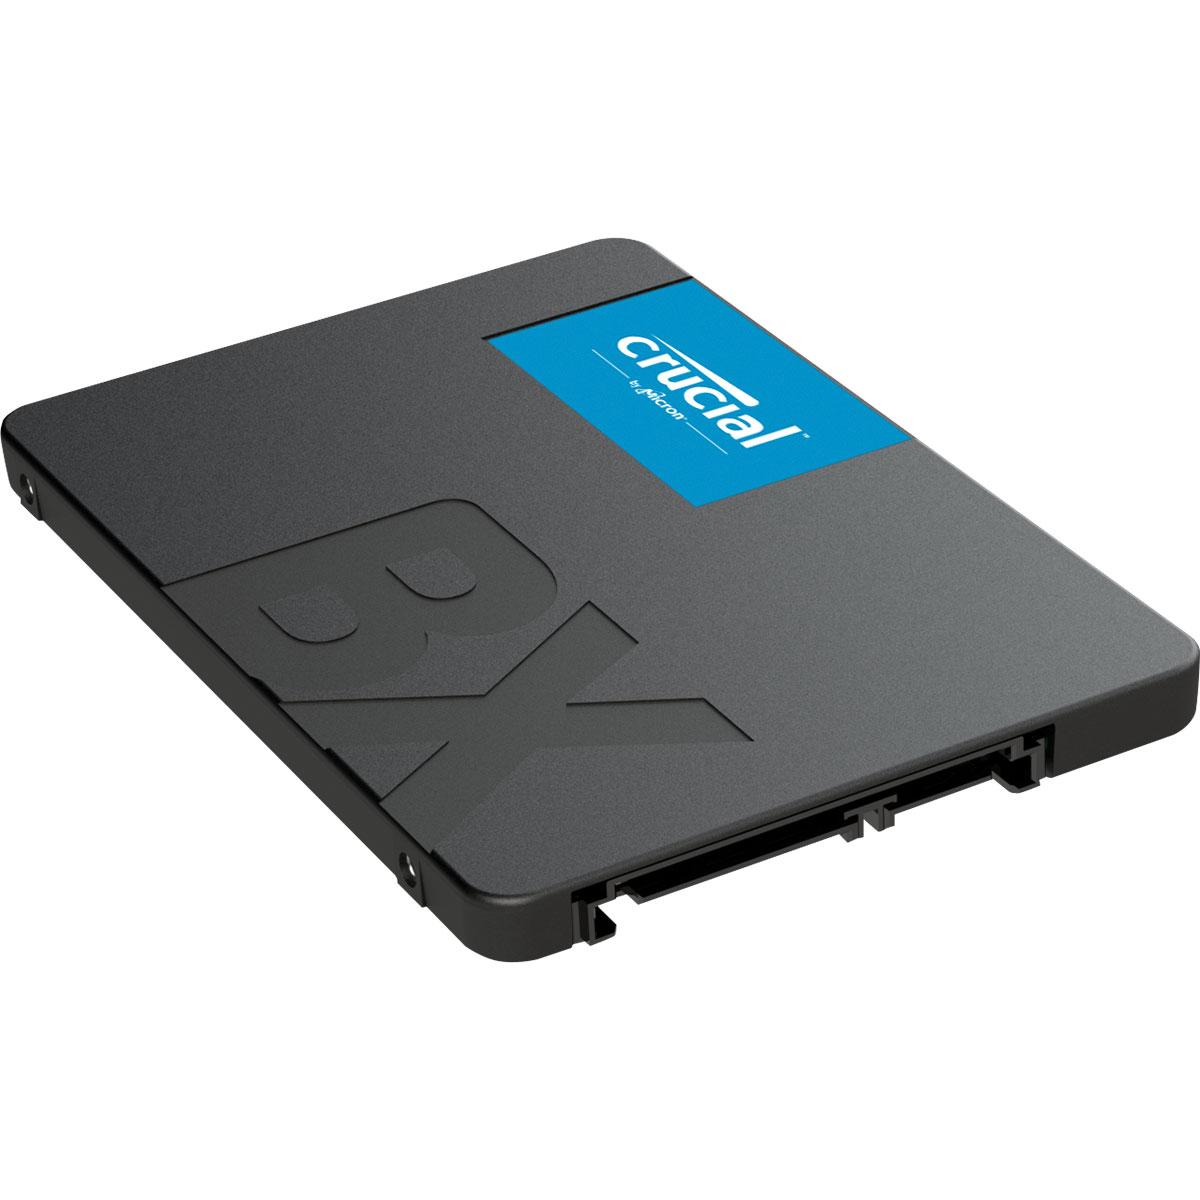 Disque dur SSD Crucial BX500 960 Go 2.5 pouces (7mm) Serial ATA 3 (6Gb/s)s, informatique ile de la Réunion 974